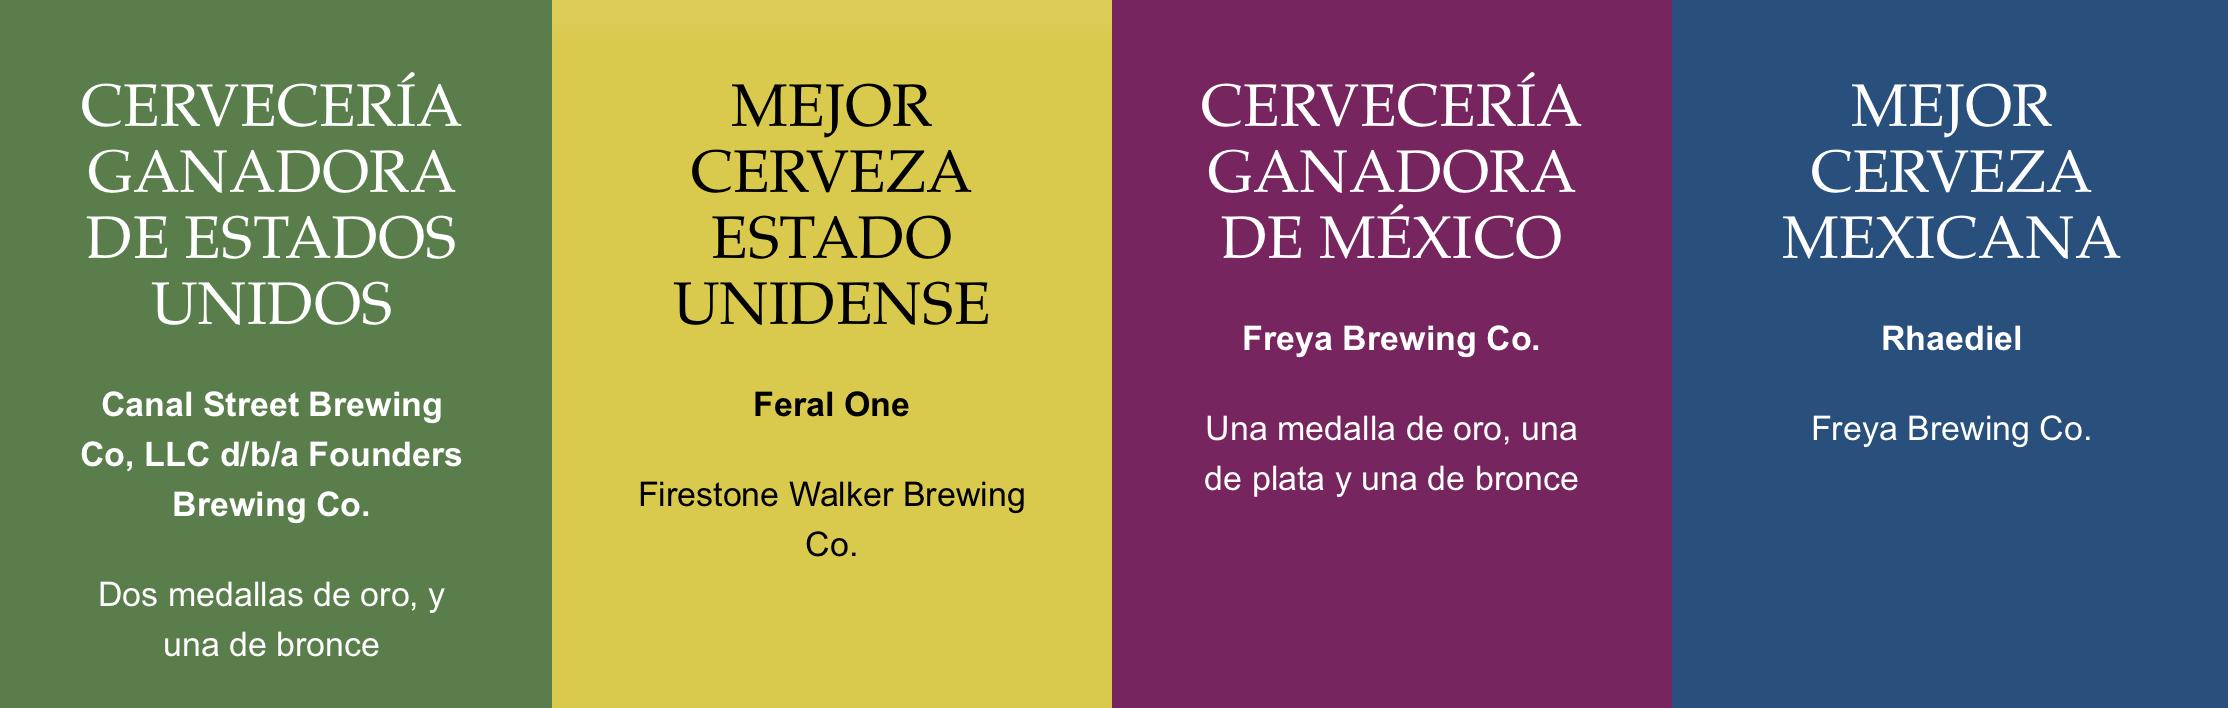 Mejores Cervezas 2018